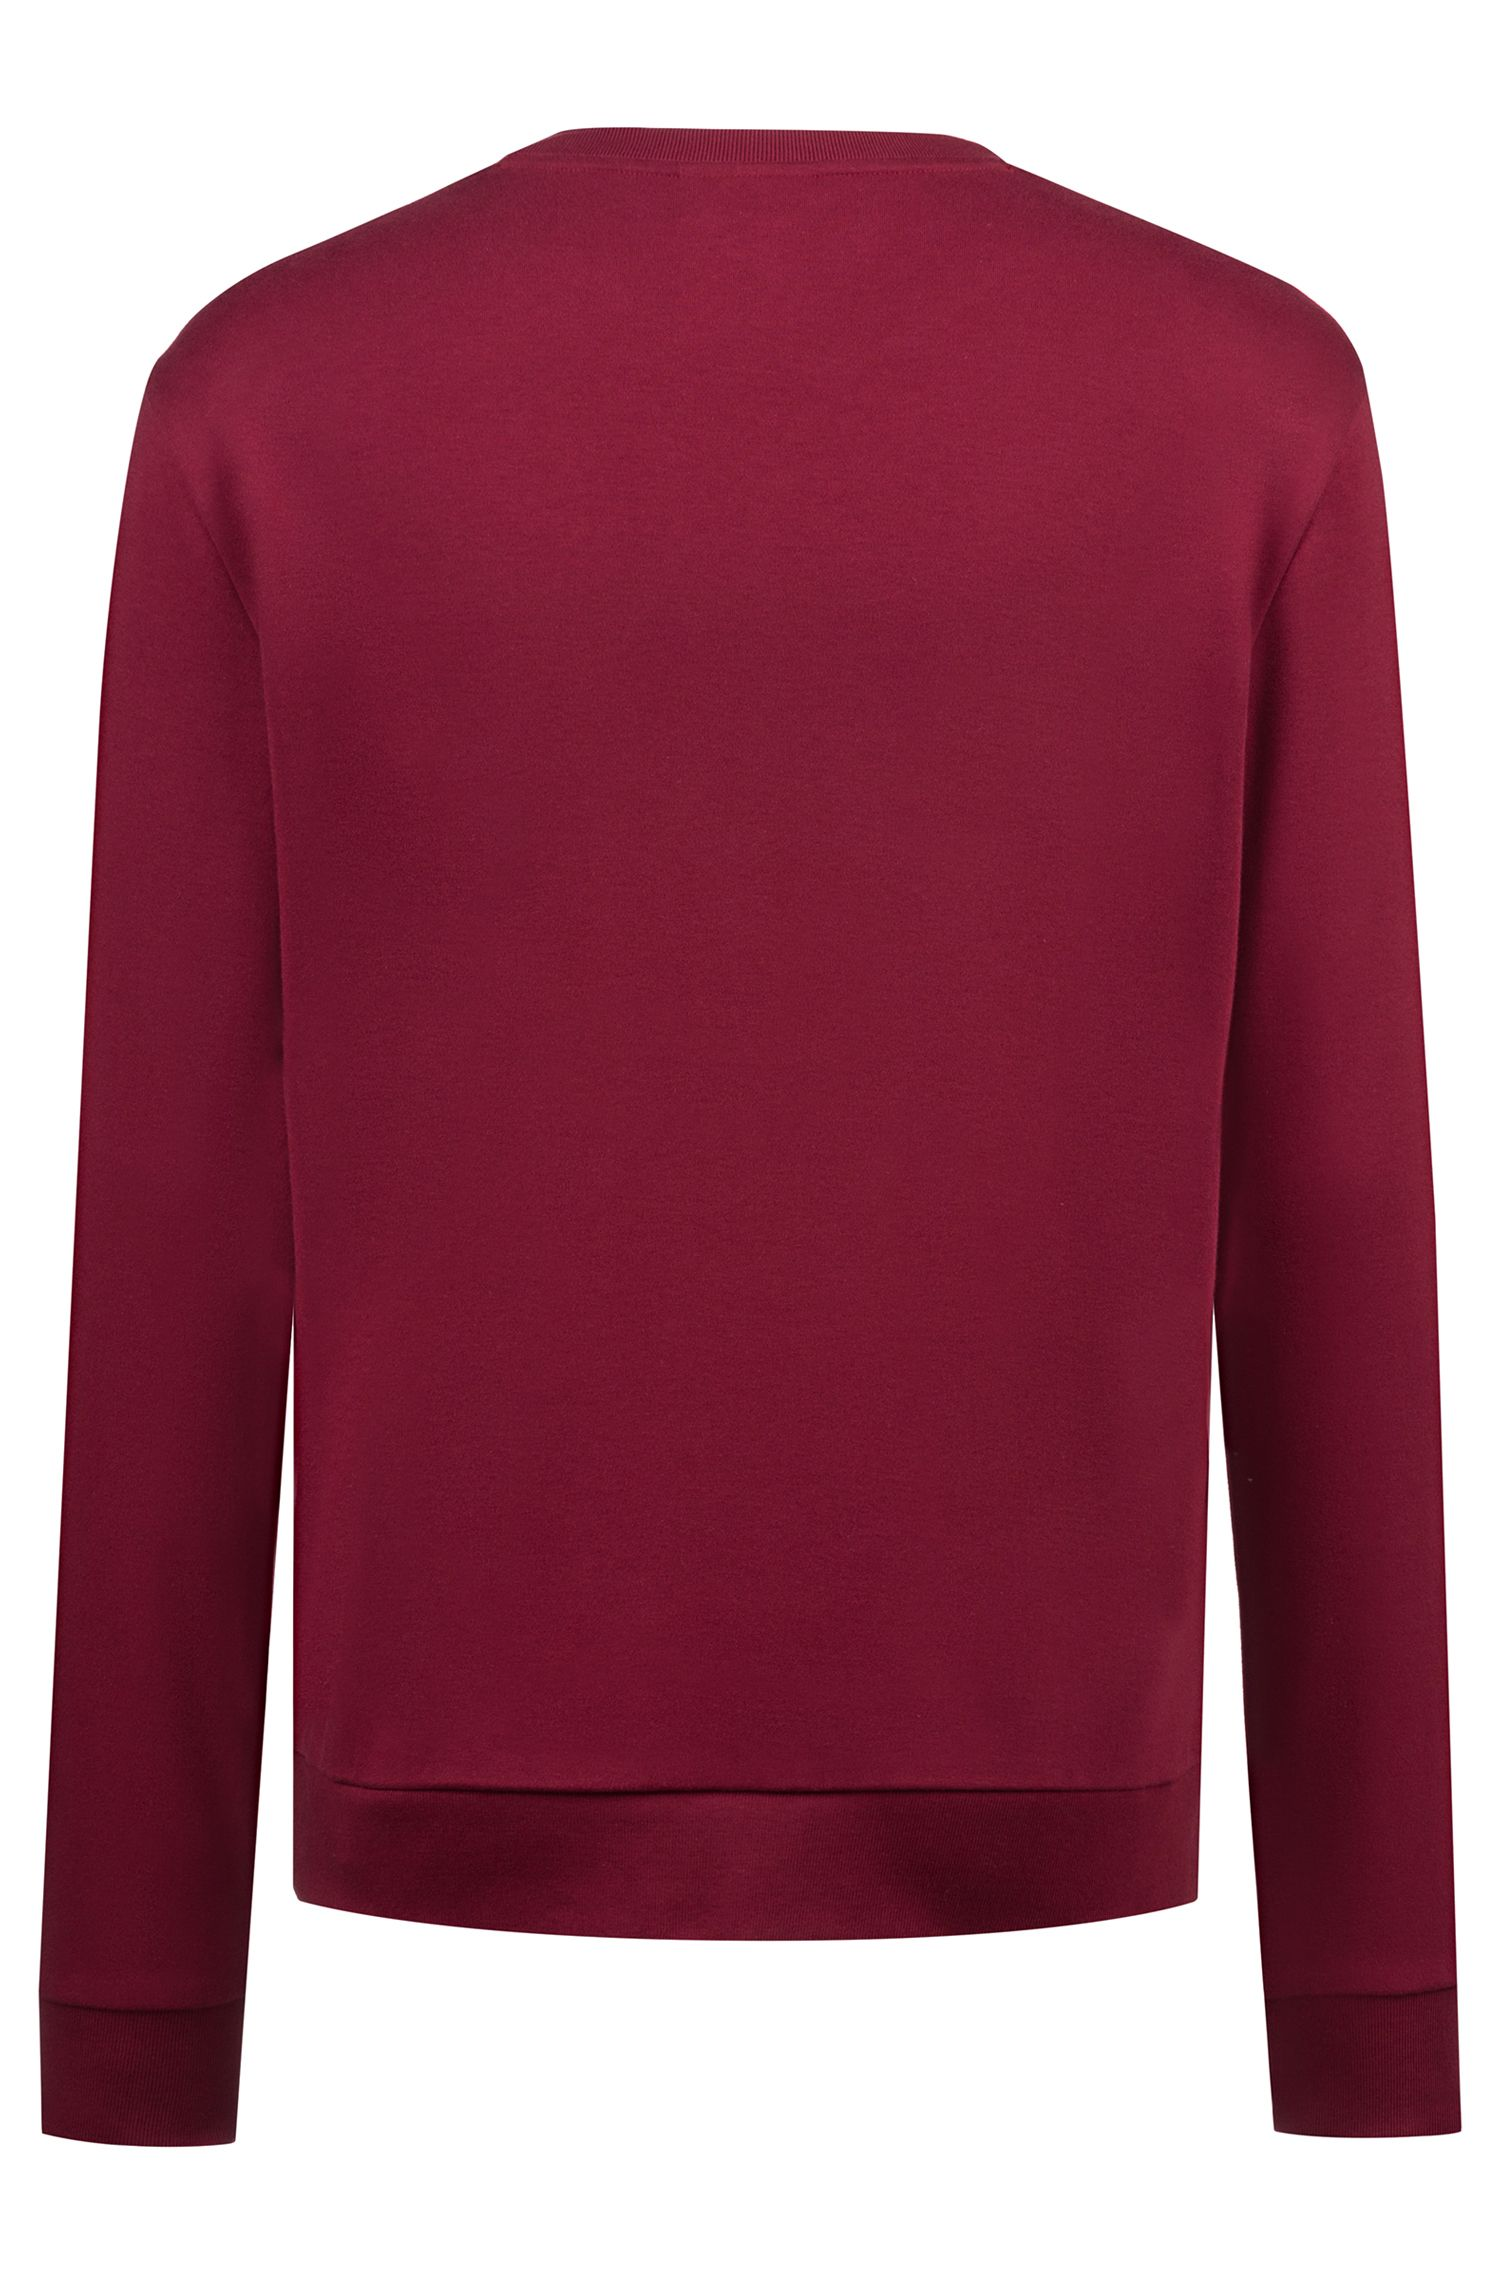 Sweatshirt aus Interlock-Baumwolle mit spiegelverkehrtem Logo, Dunkelrot